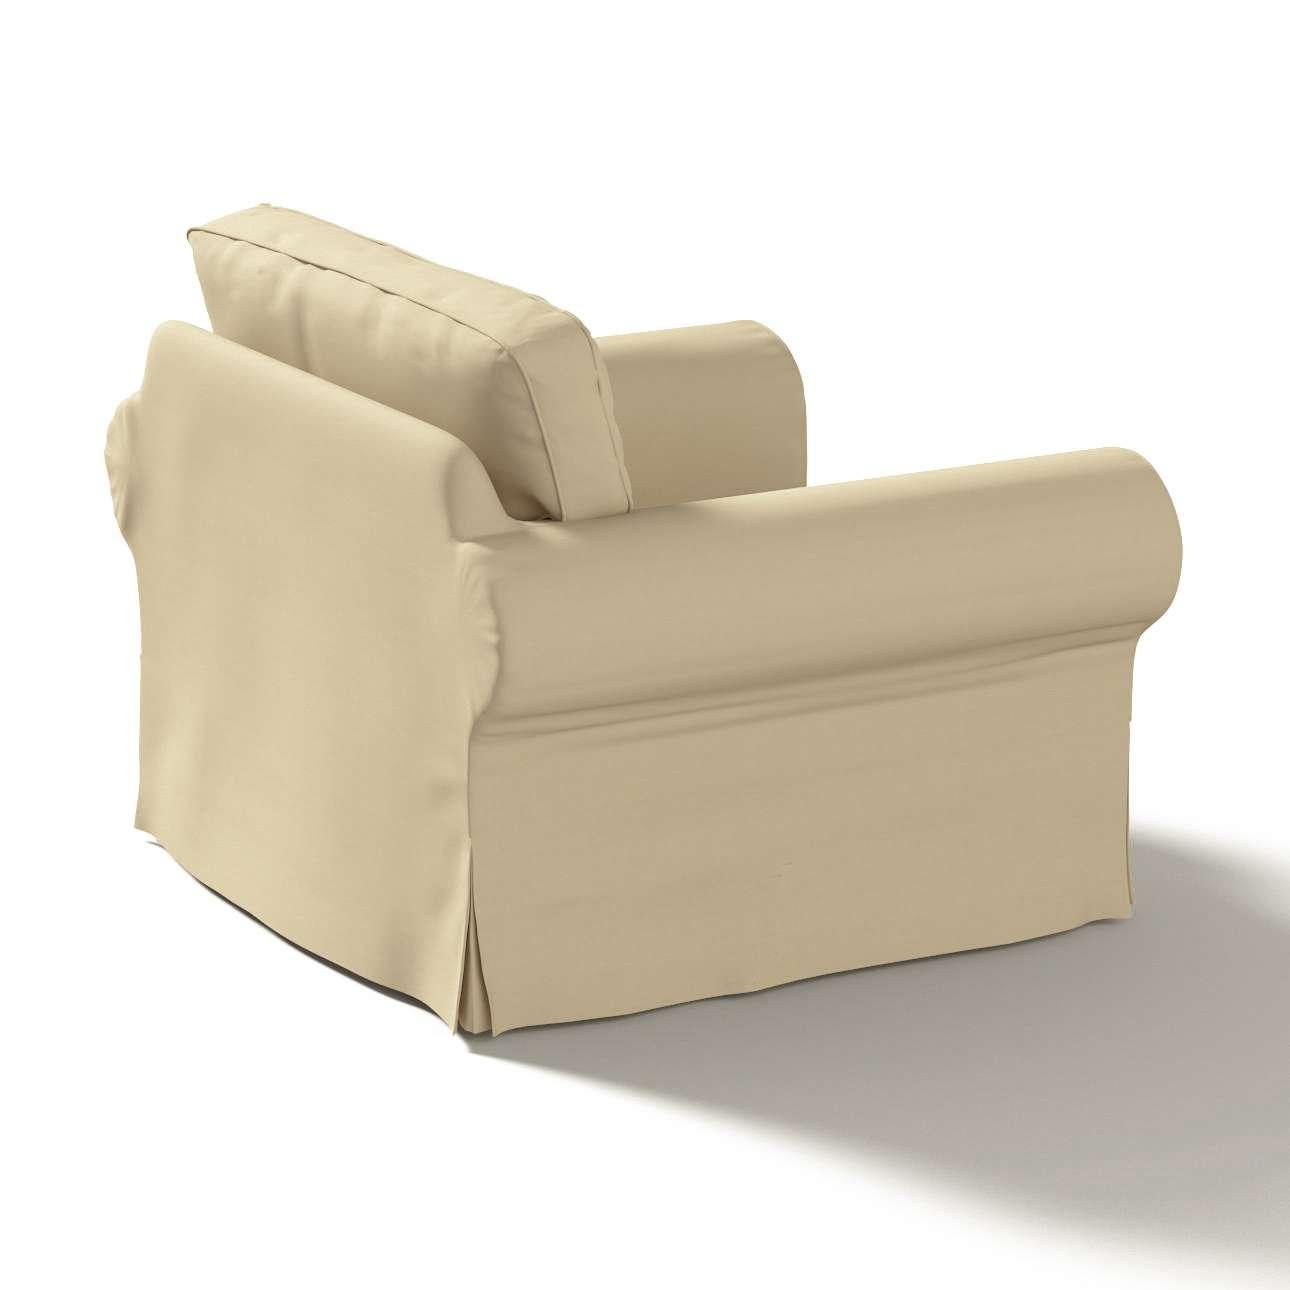 Pokrowiec na fotel Ektorp w kolekcji Cotton Panama, tkanina: 702-01